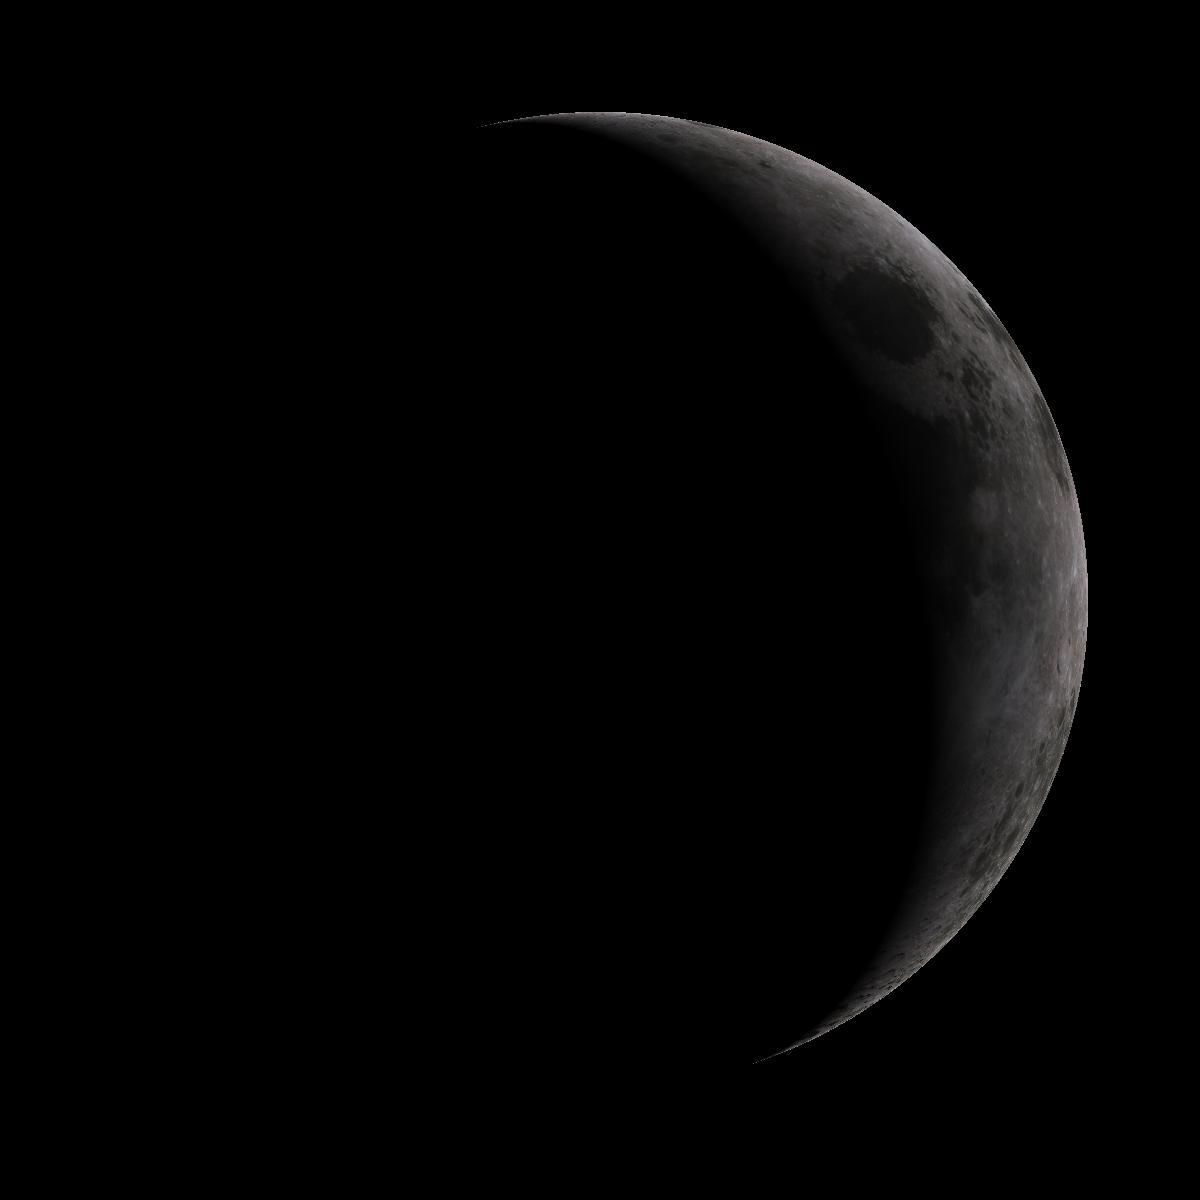 Lune du 3 septembre 2019